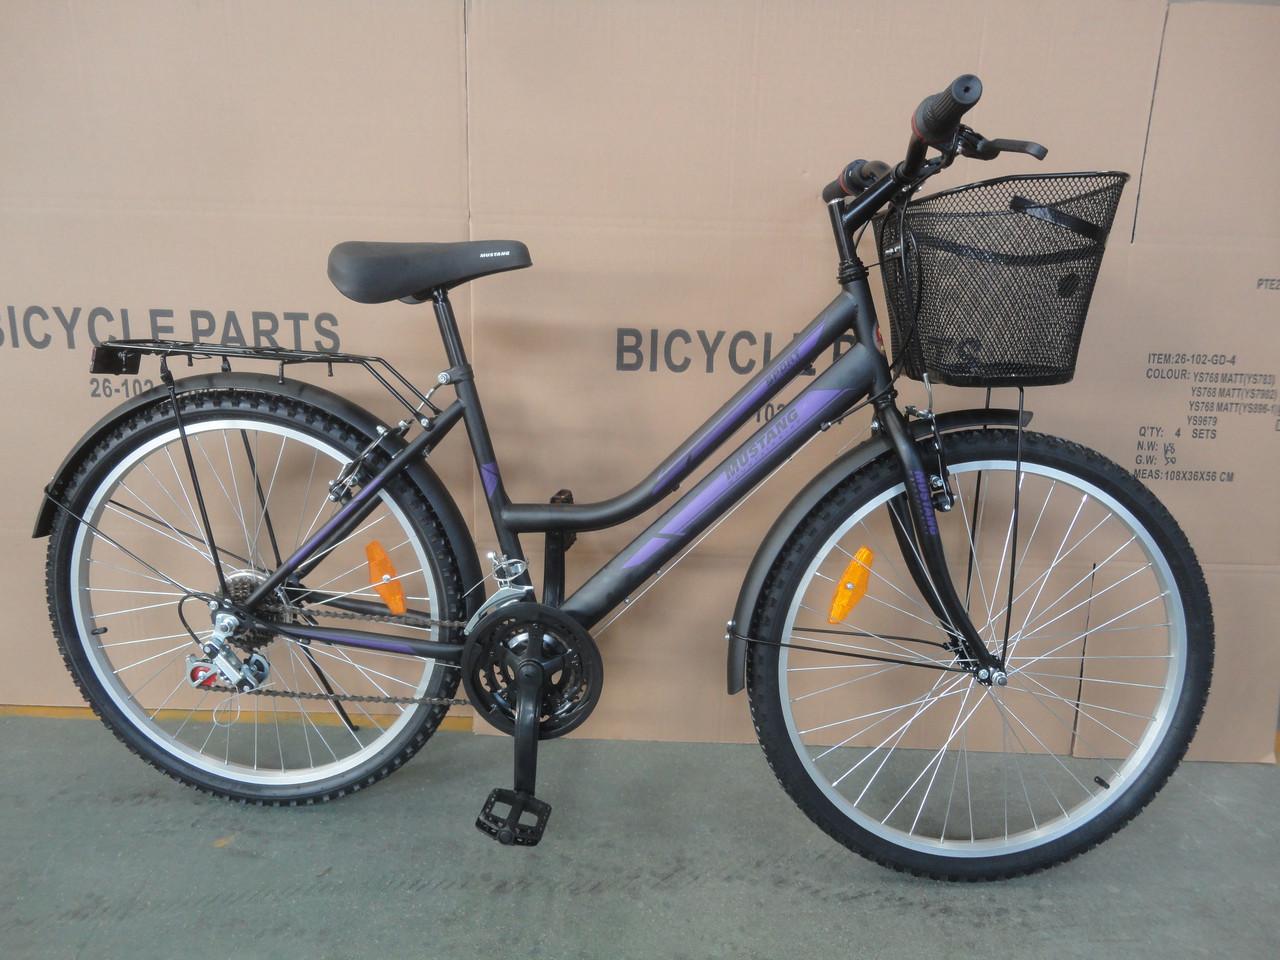 Городской велосипед дорожный Mustang 24 дюйма корзина багажник низкая рама опт 162